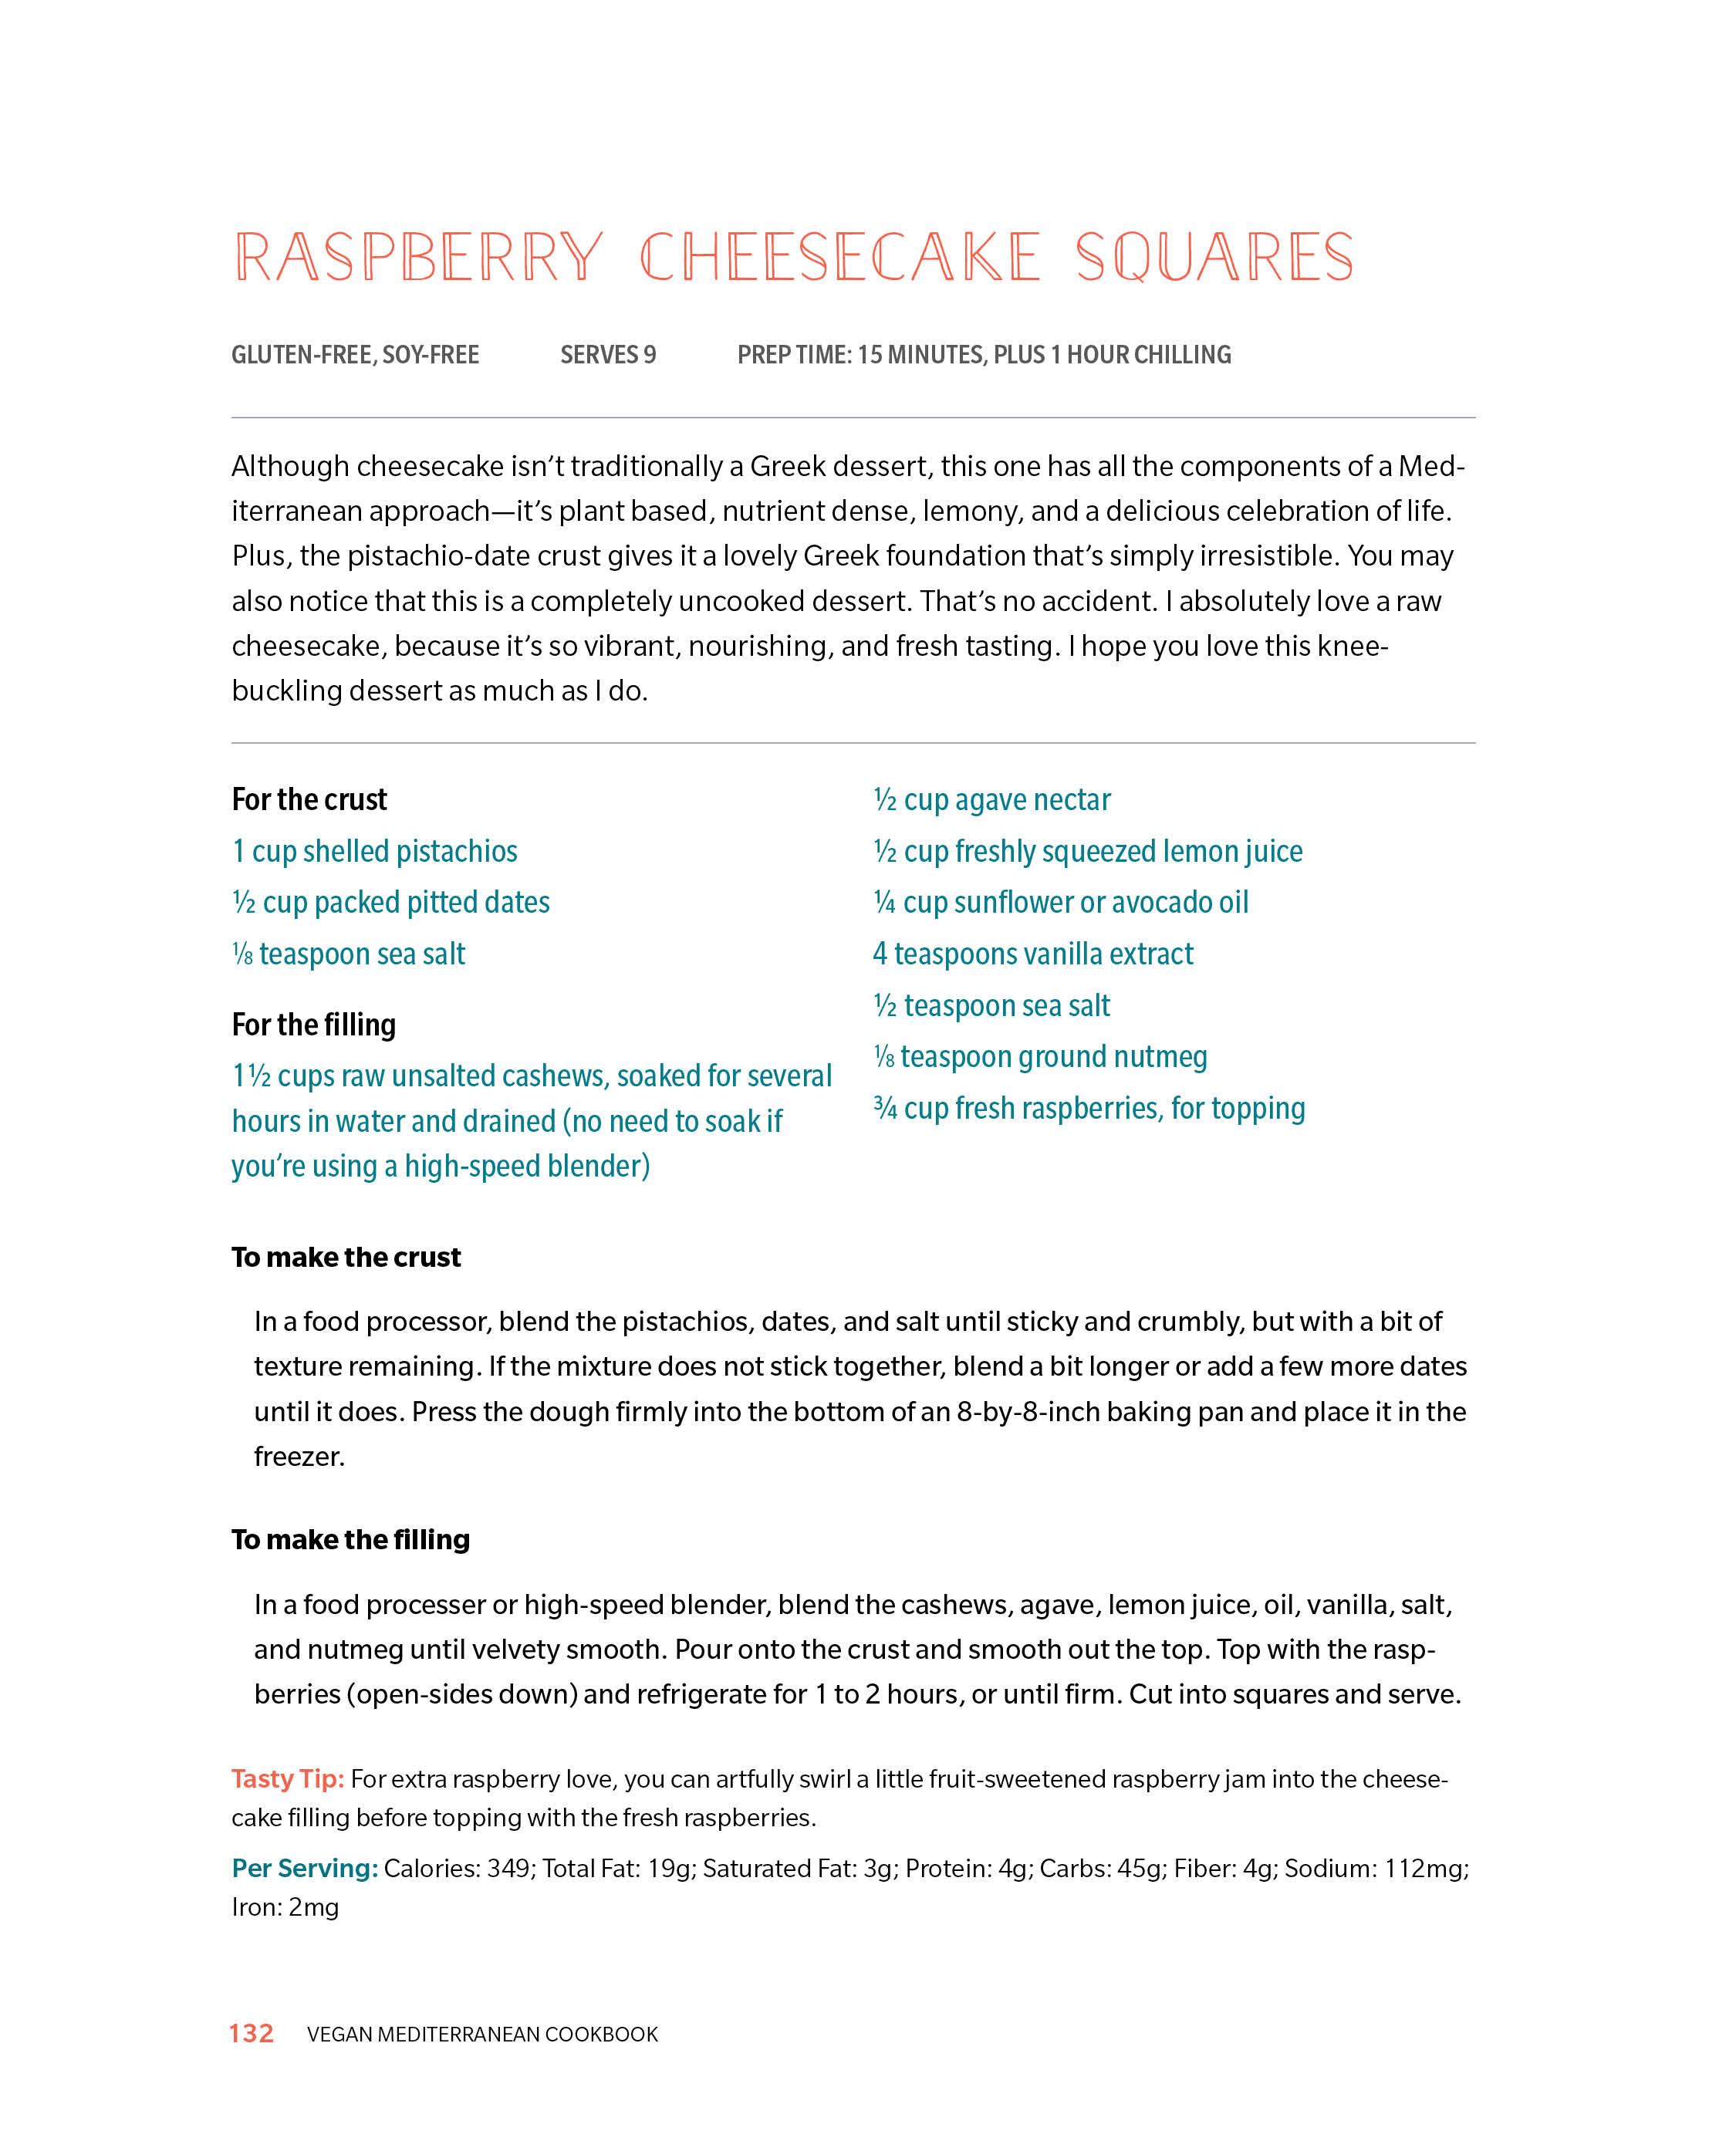 9781641526142_recipes_020.jpg